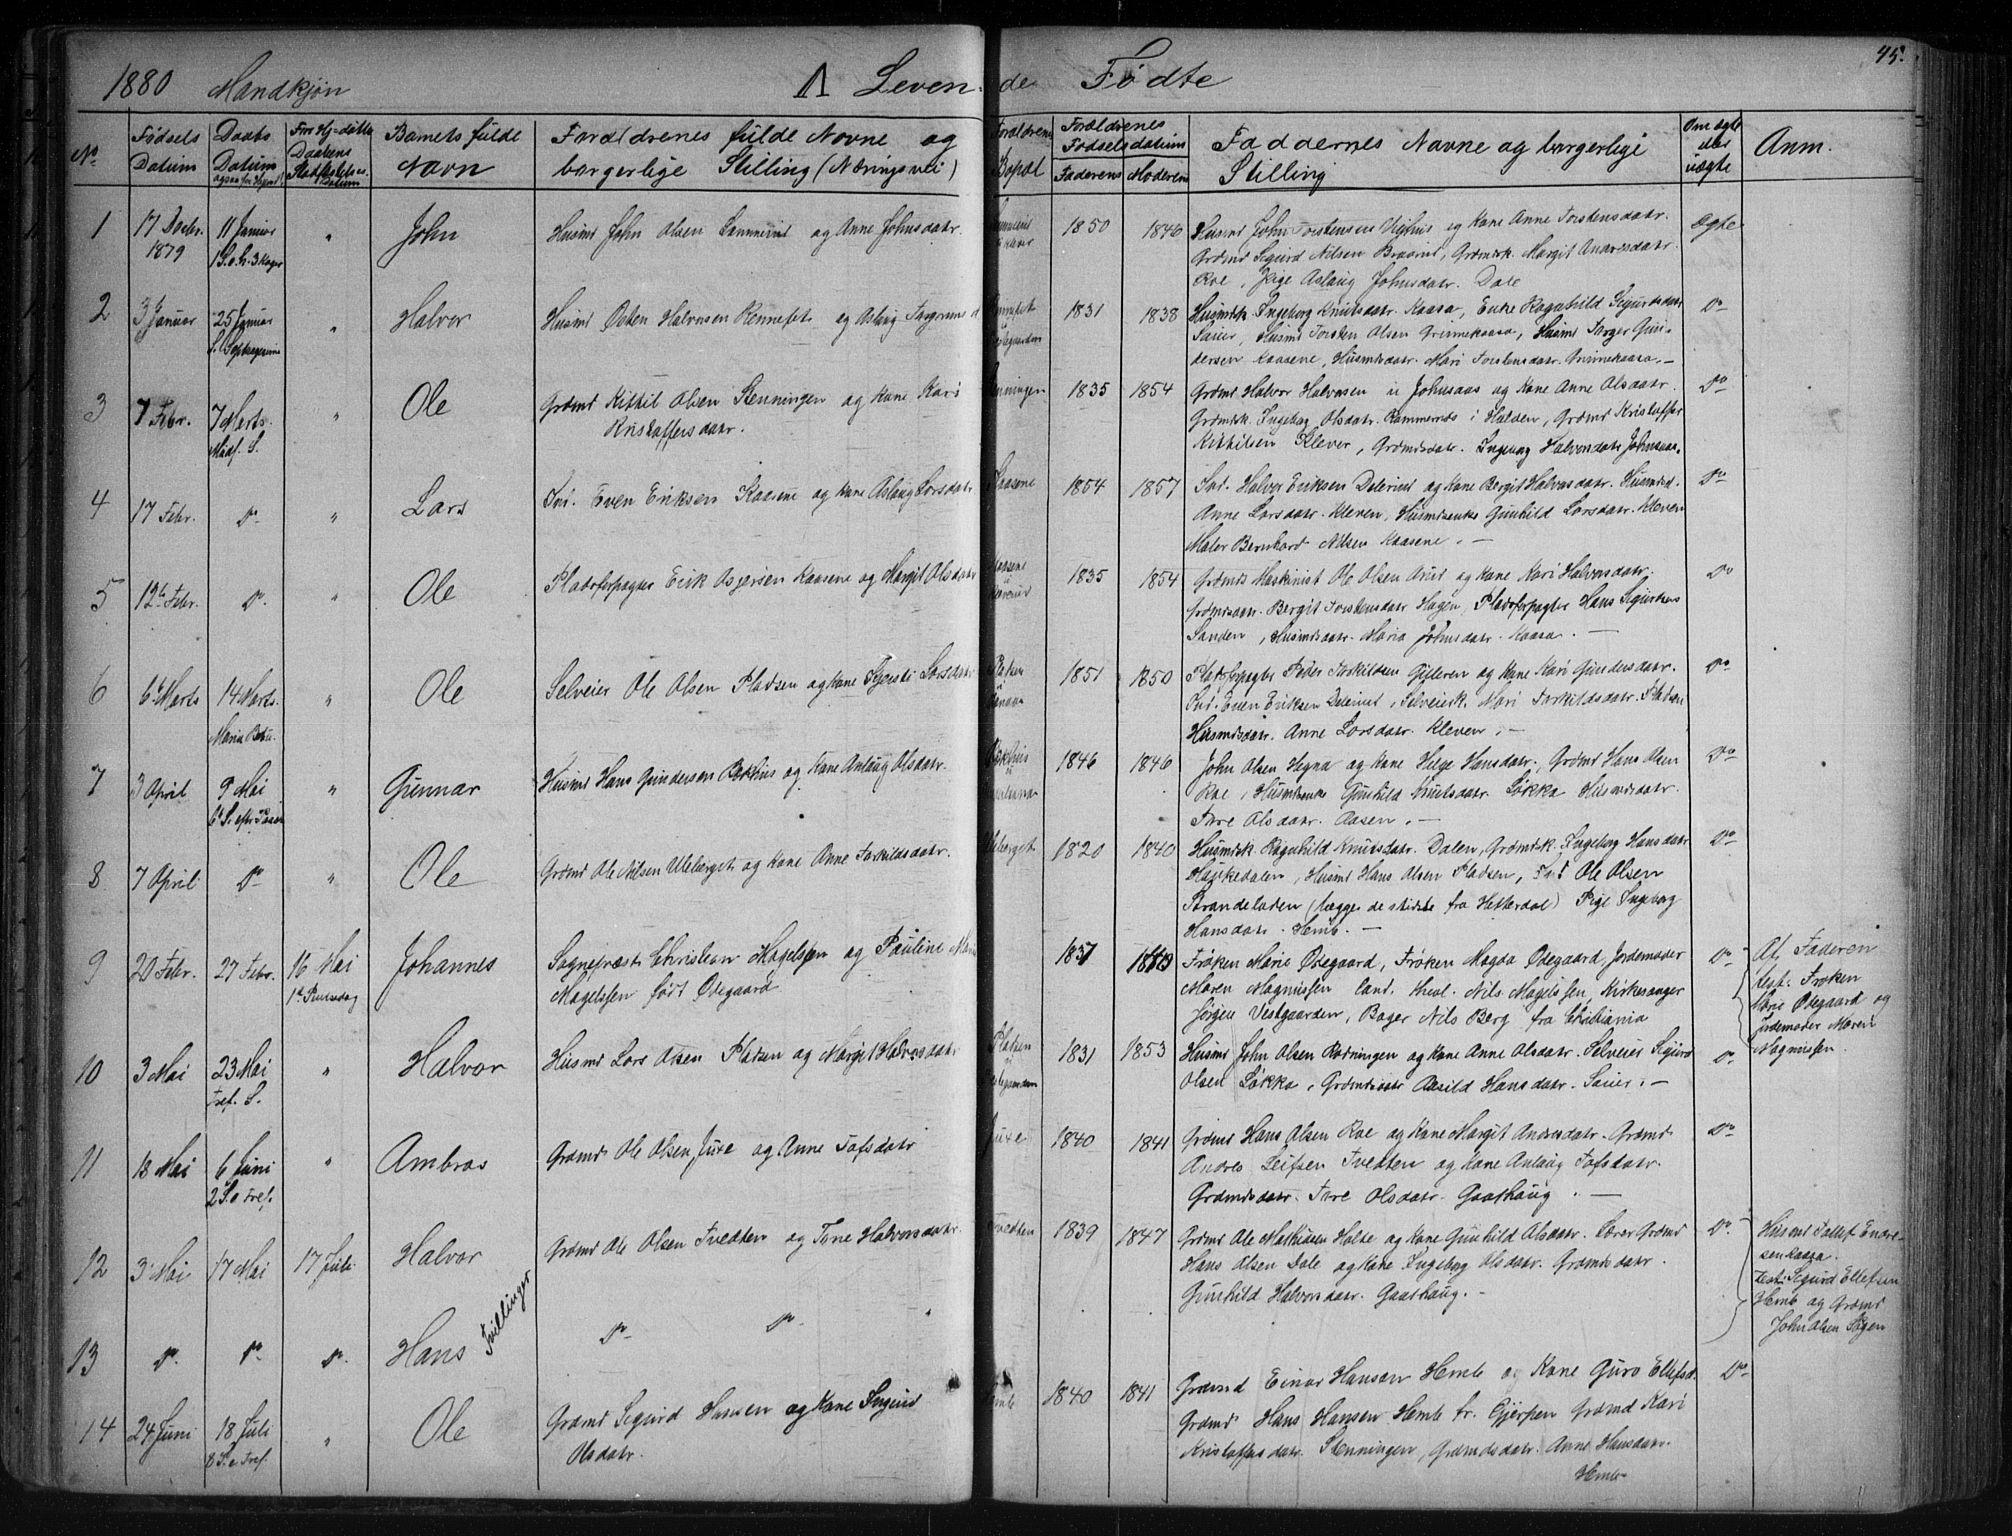 SAKO, Sauherad kirkebøker, G/Ga/L0003: Klokkerbok nr. I 3, 1866-1905, s. 45